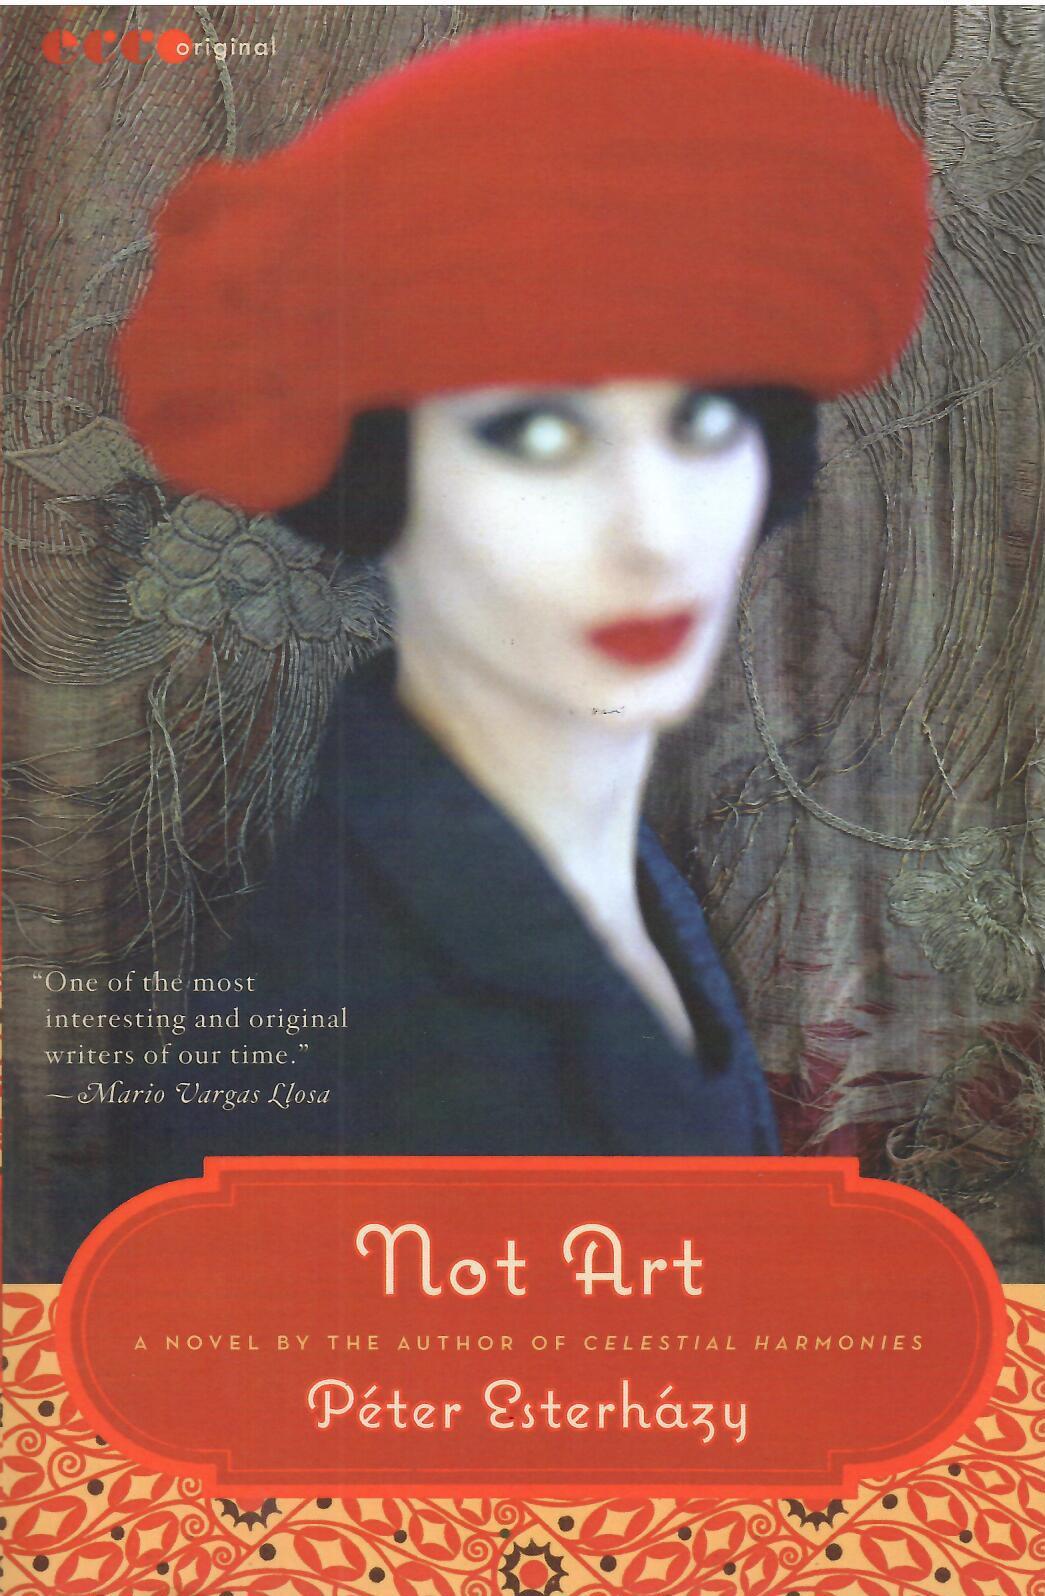 Esterházy Péter: Not Art (Semmi művészet angol nyelven)